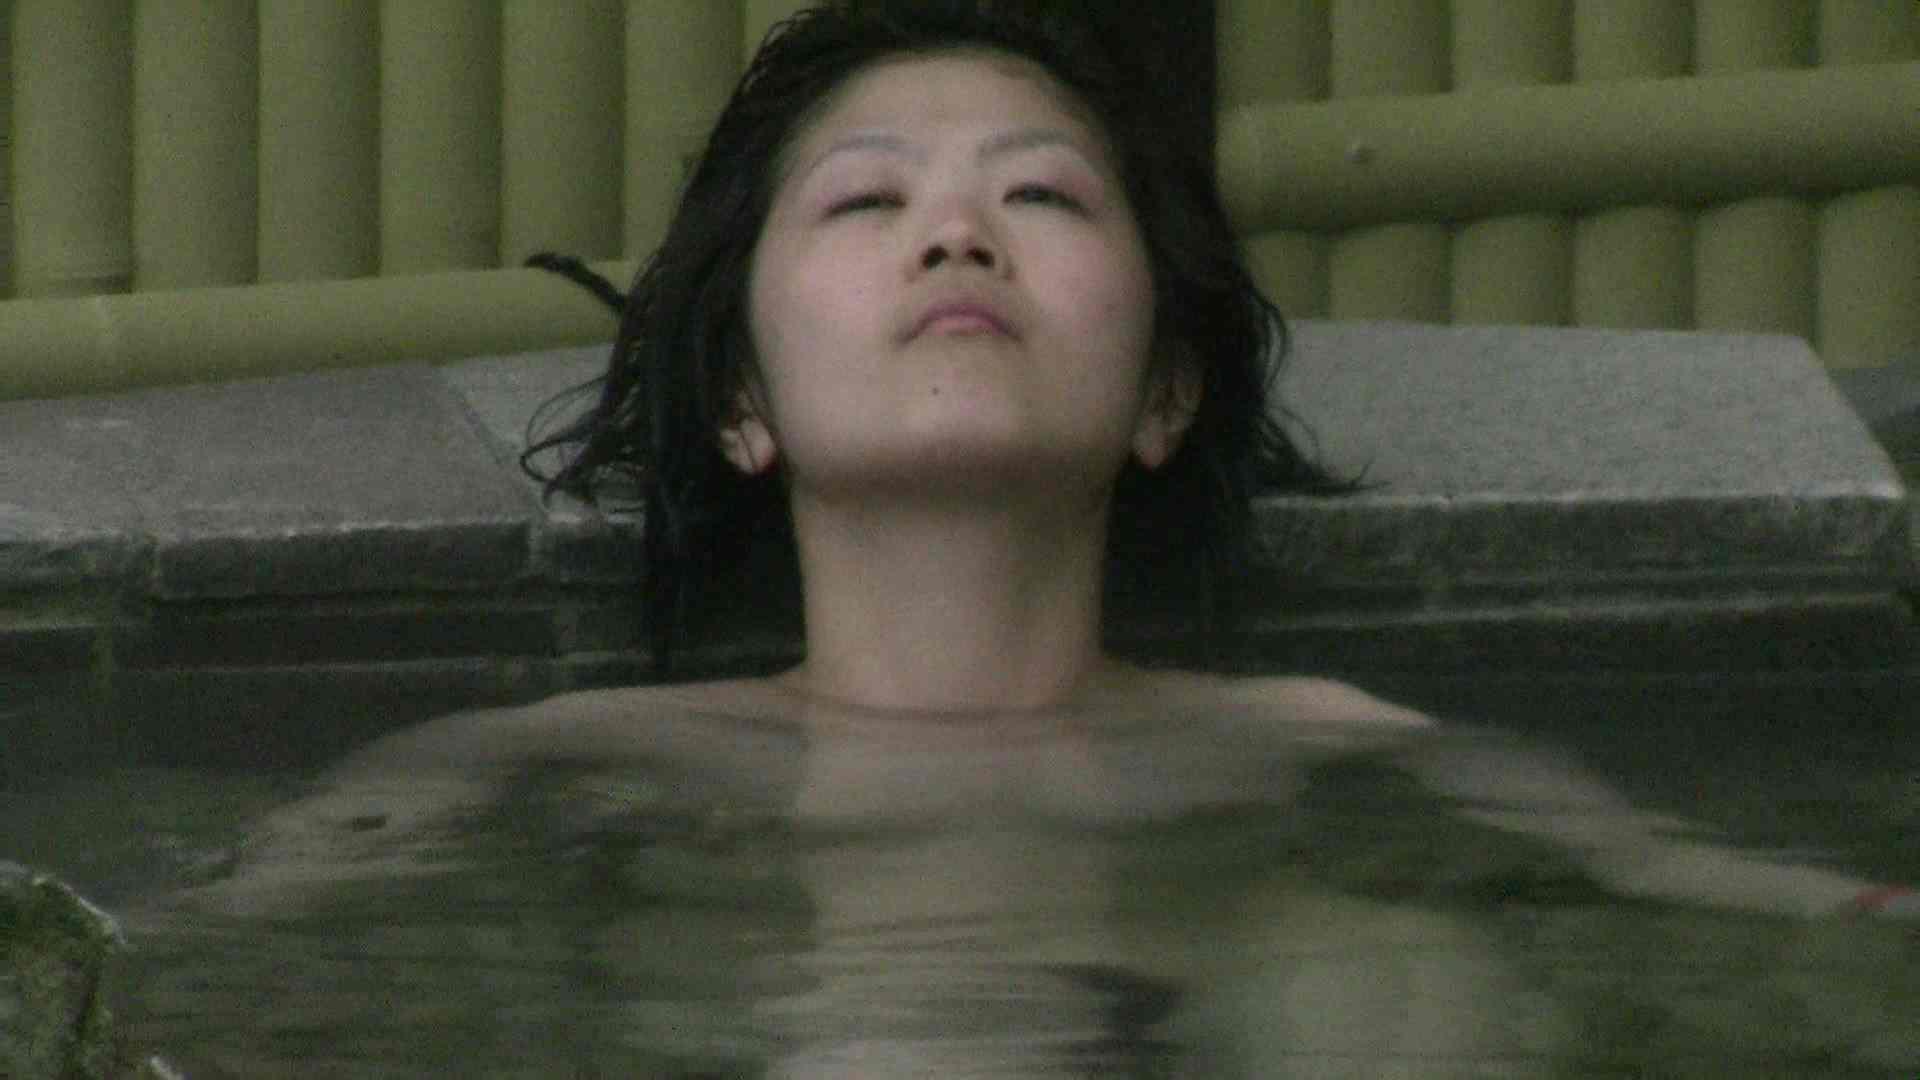 Aquaな露天風呂Vol.538 OLのエロ生活  90連発 12